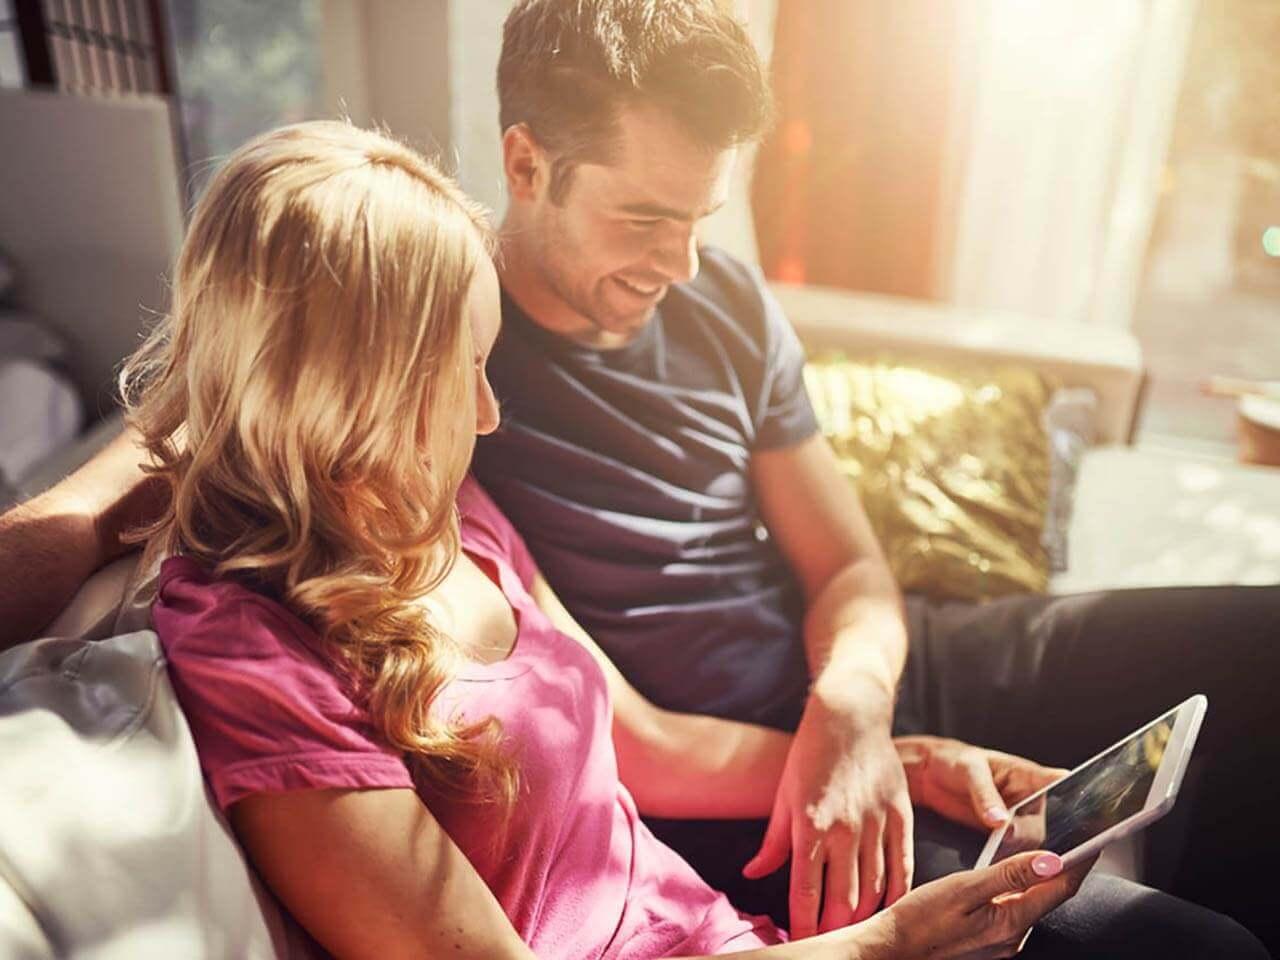 couple using an ipad